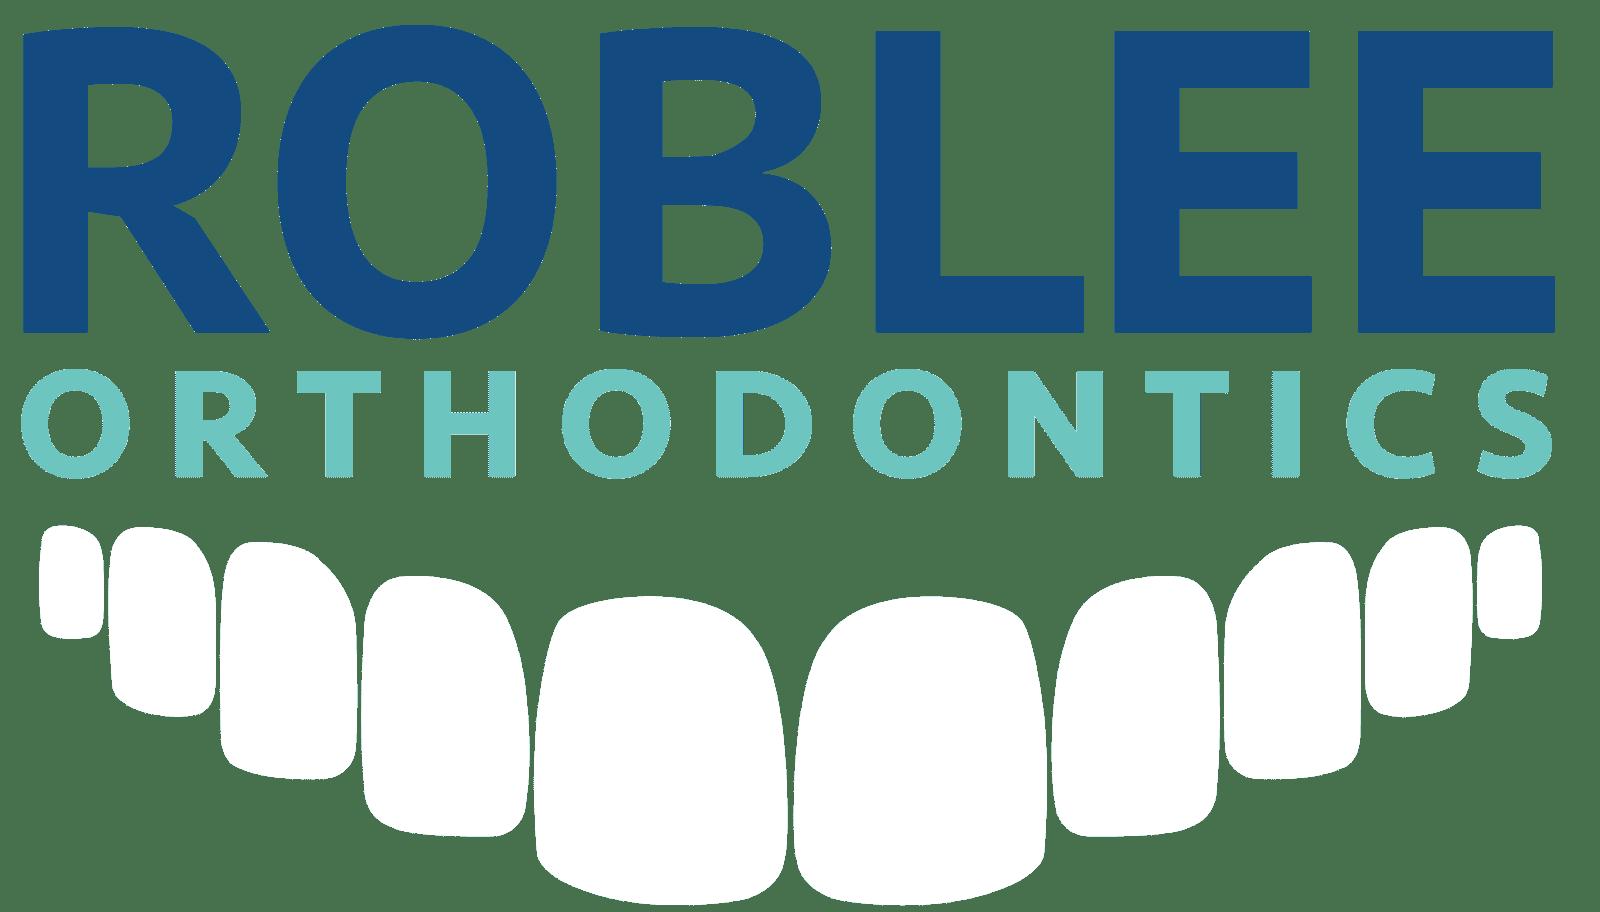 practice logo for Roblee Orthodontics